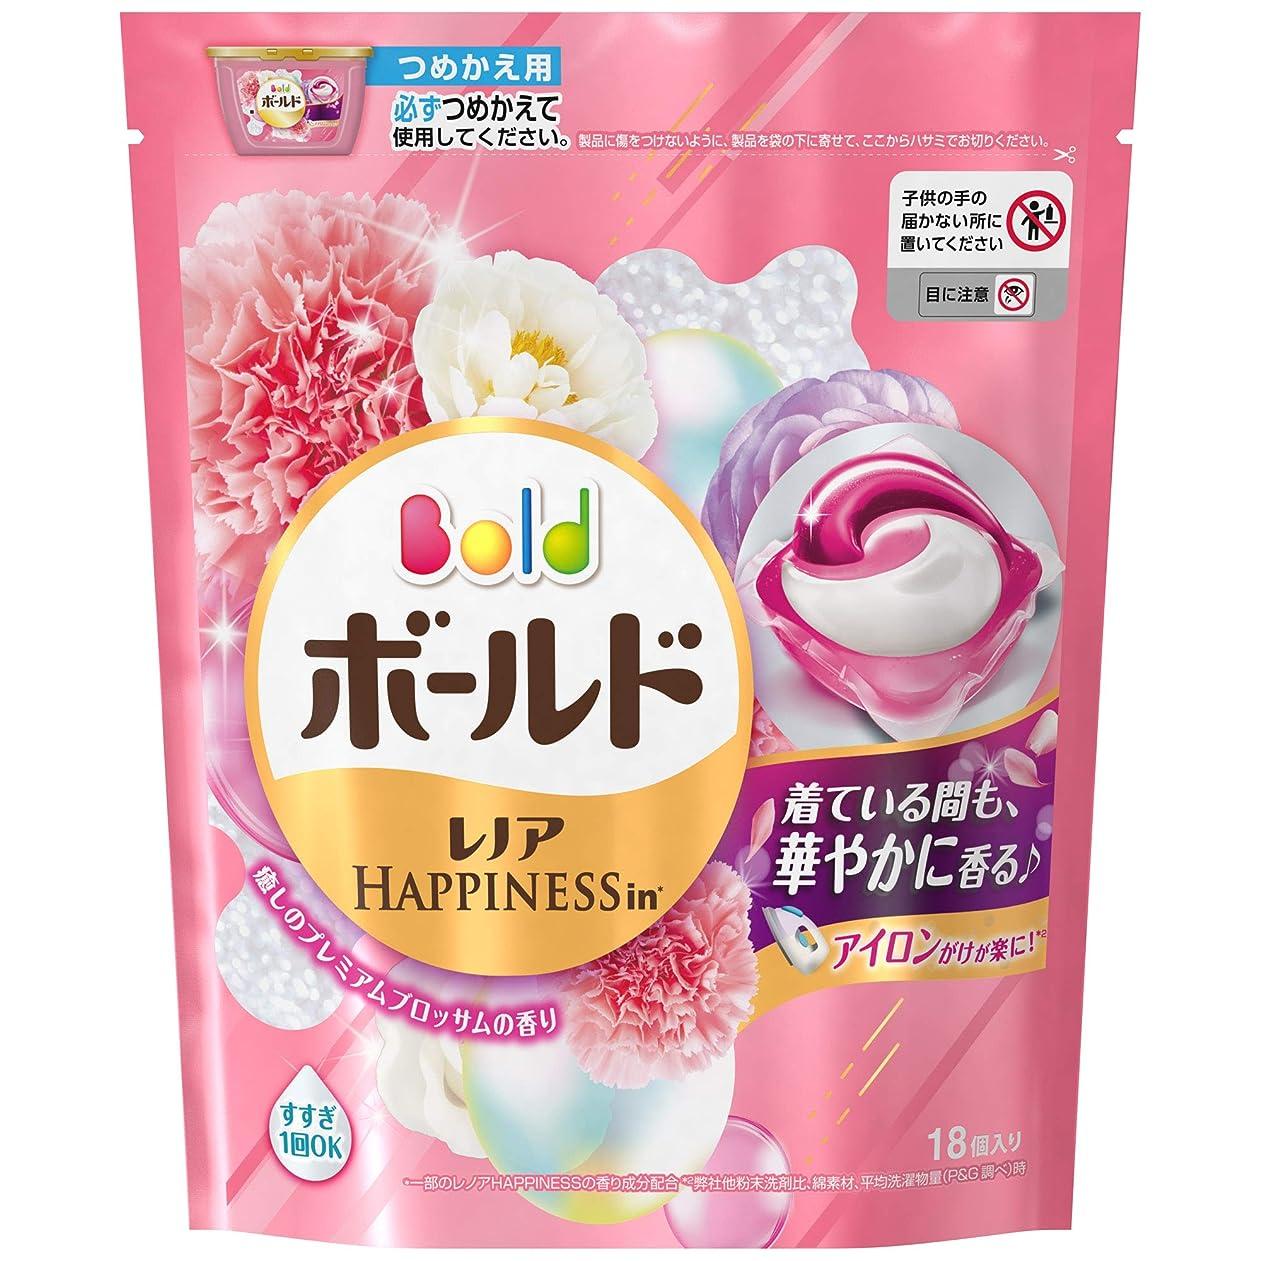 ディーラー気難しいあいまいなボールド 洗濯洗剤 ジェルボール3D 癒しのプレミアムブロッサムの香り 詰め替え 18個入